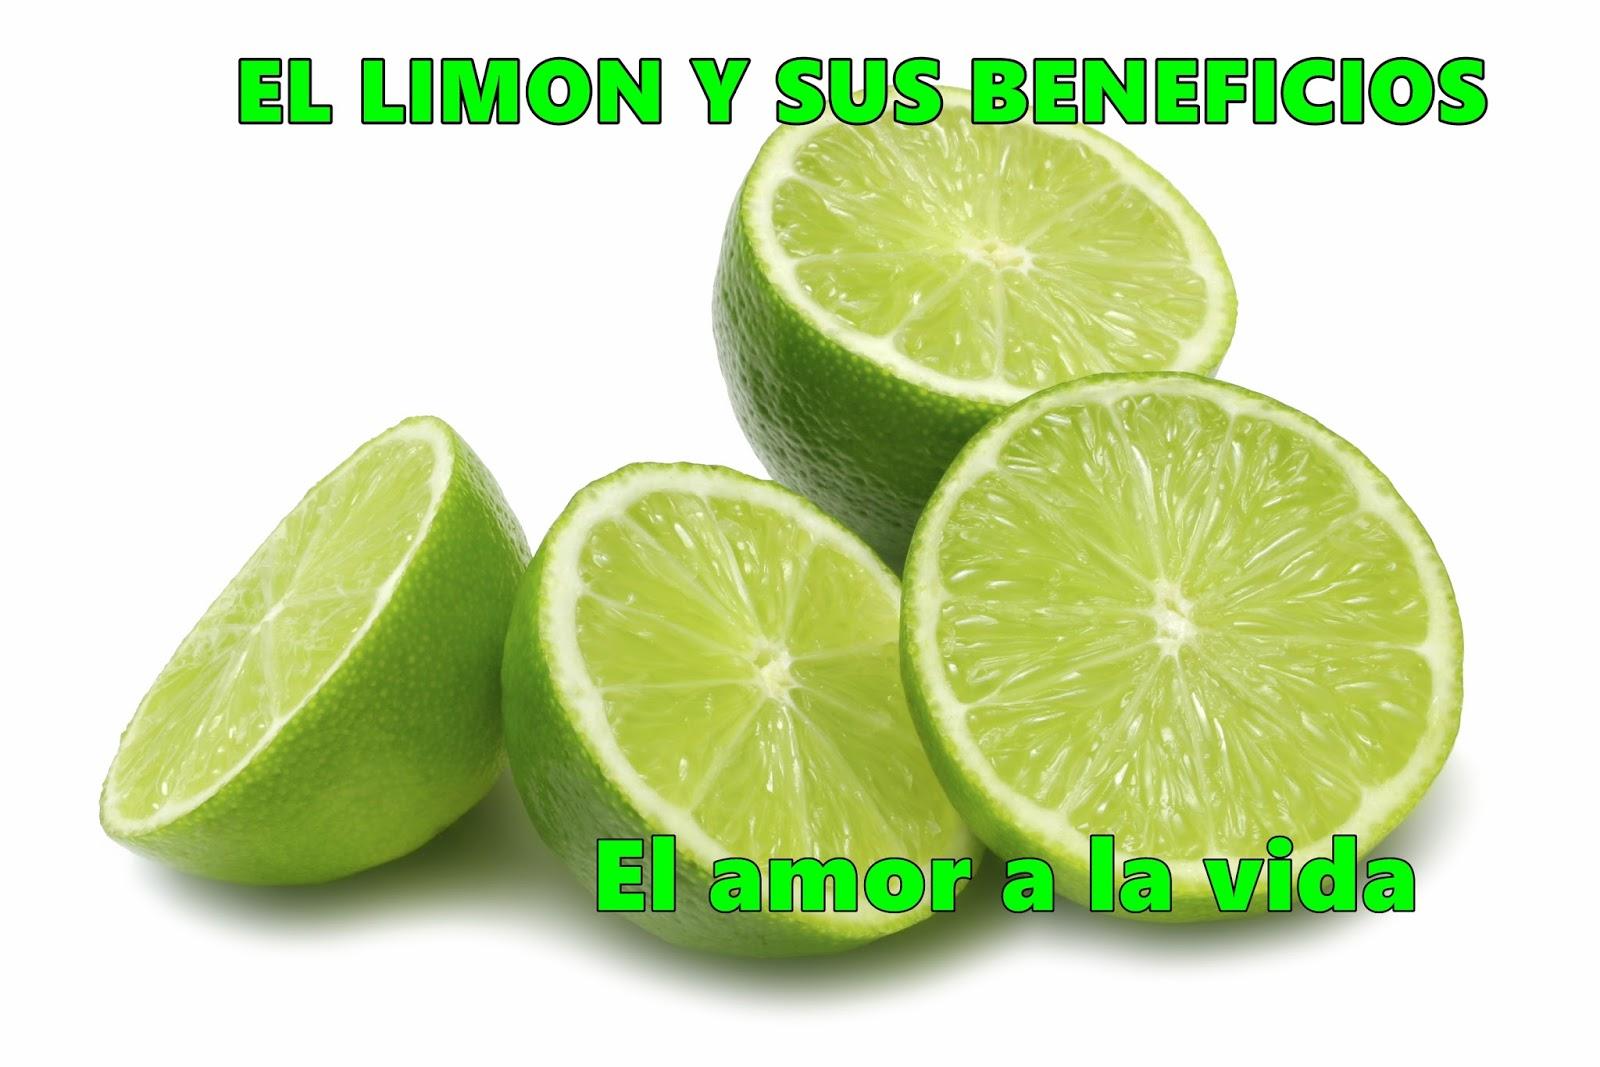 El amor a la vida el limon y sus beneficios - Vitaminas para plantas de interior ...